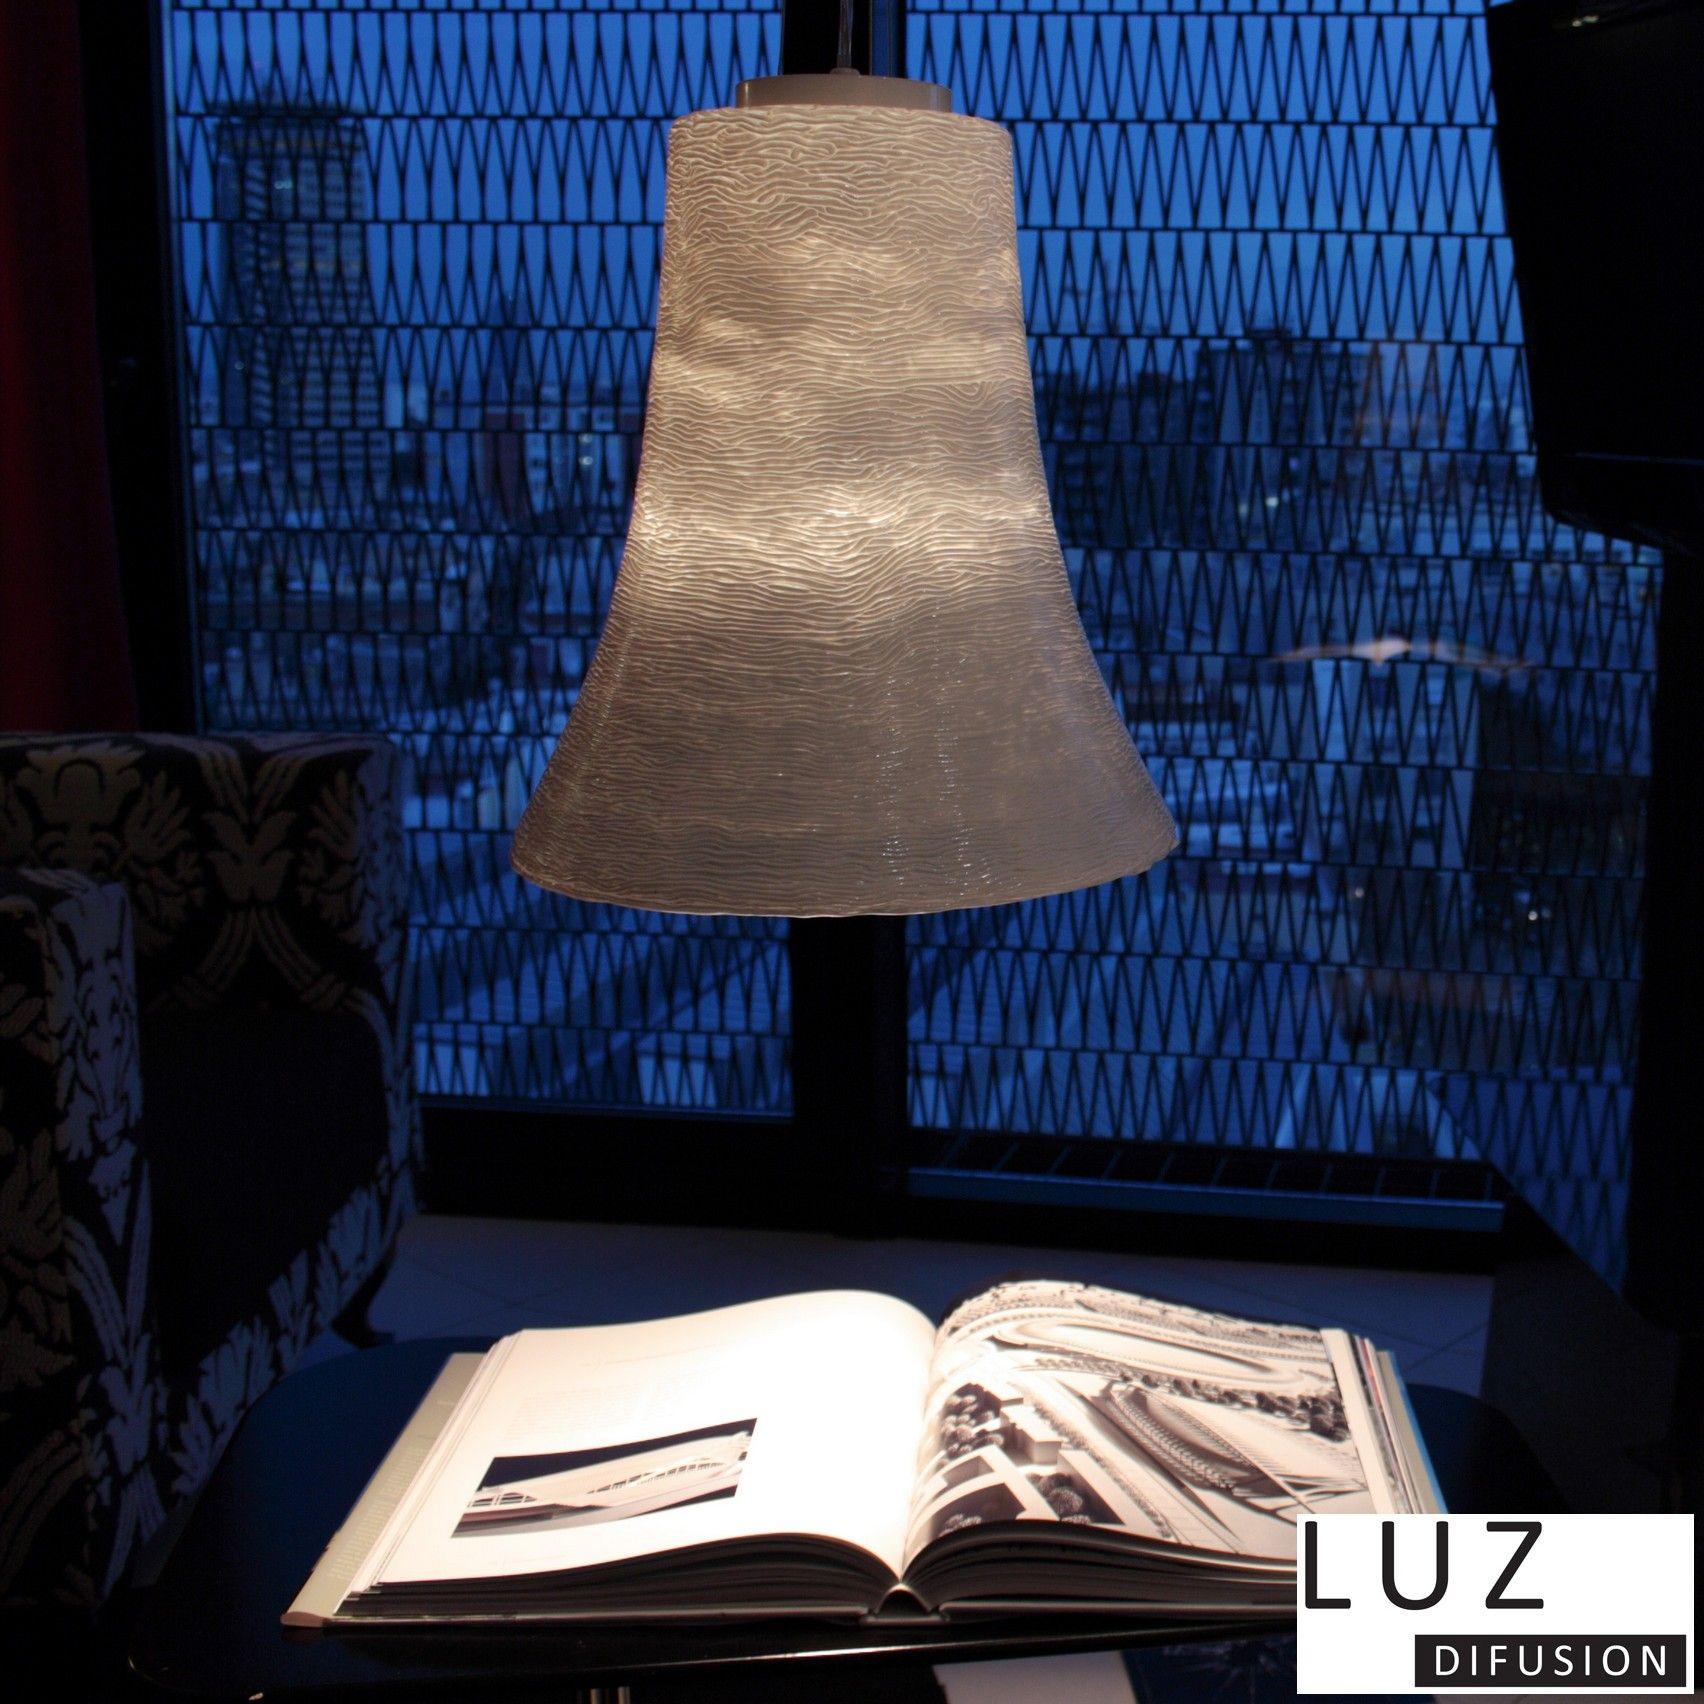 #luz difusion#lamps#design